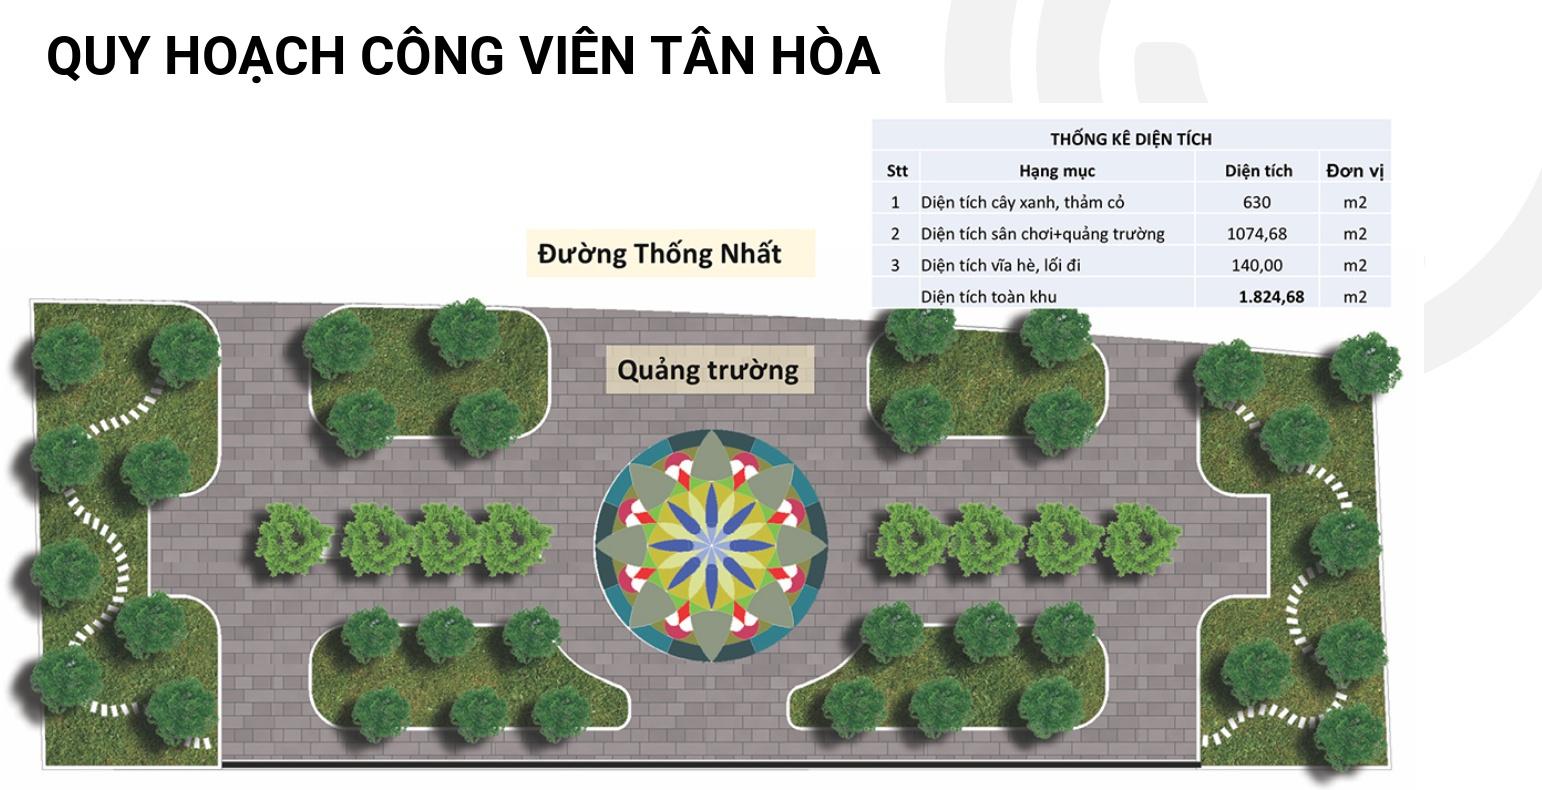 Quy hoạch Công Viên Tân Hòa